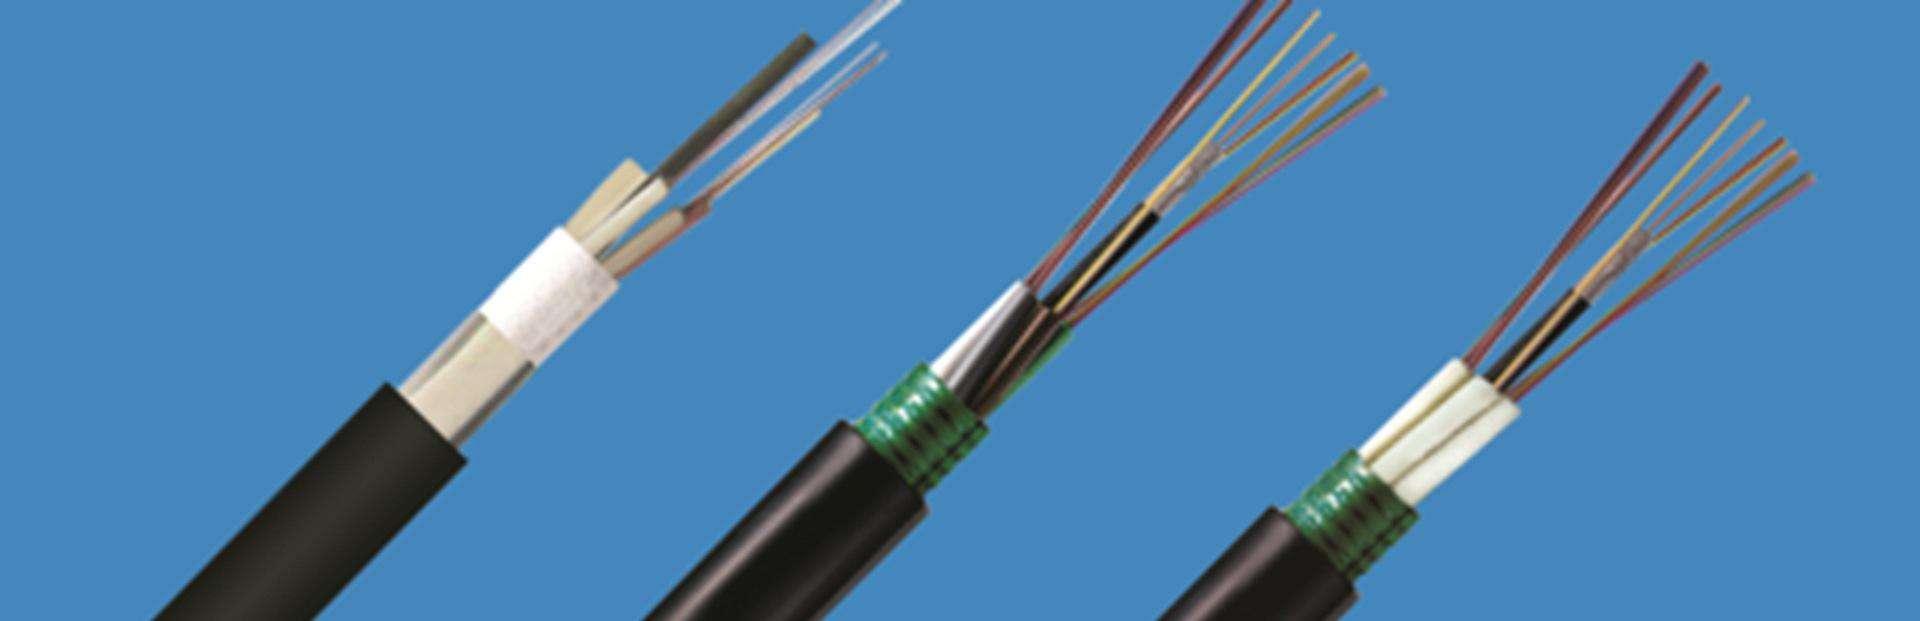 Fiber Cable singlemode, multimode, optic fiber armoured fiber cable